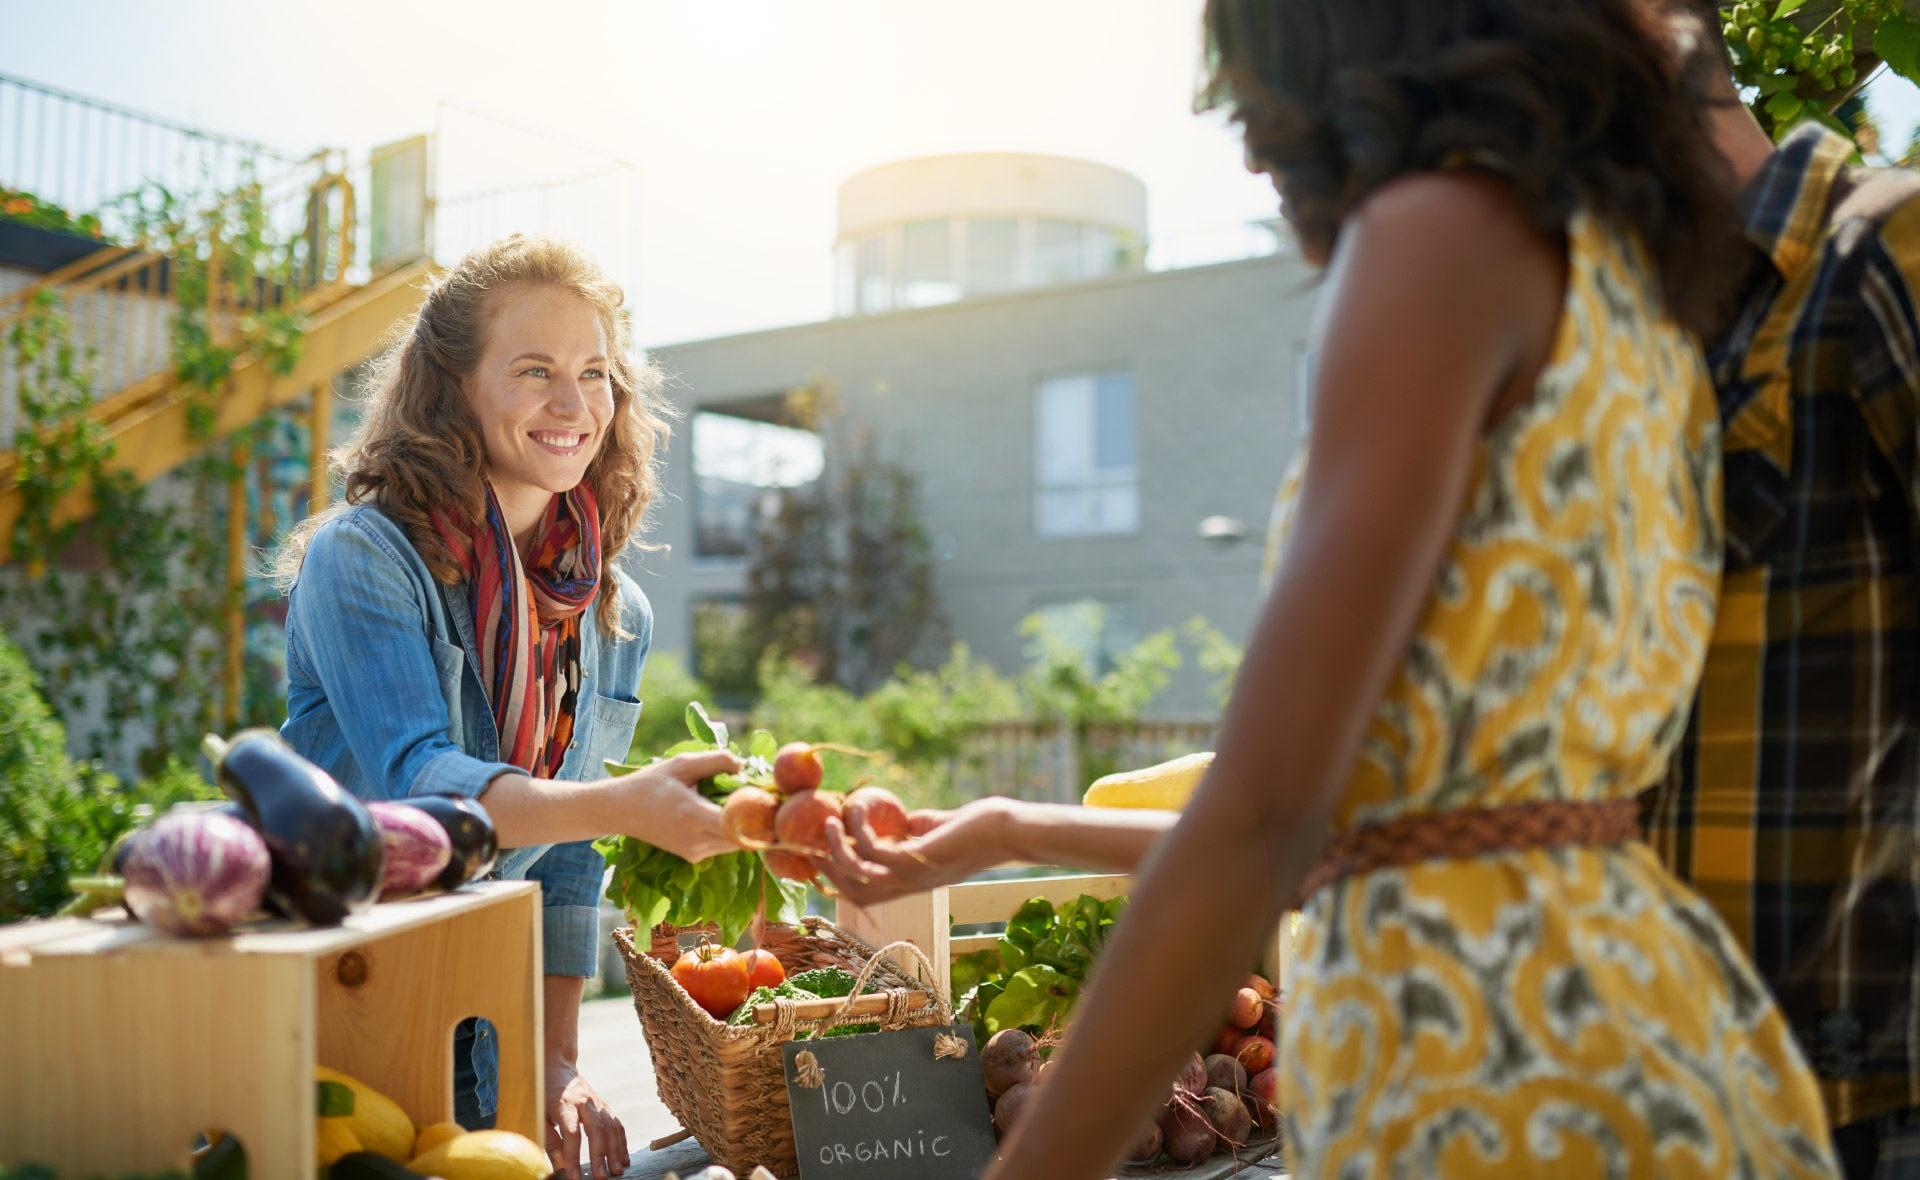 consumo_responsable-organico-alimentos-sostenibles-mercado-